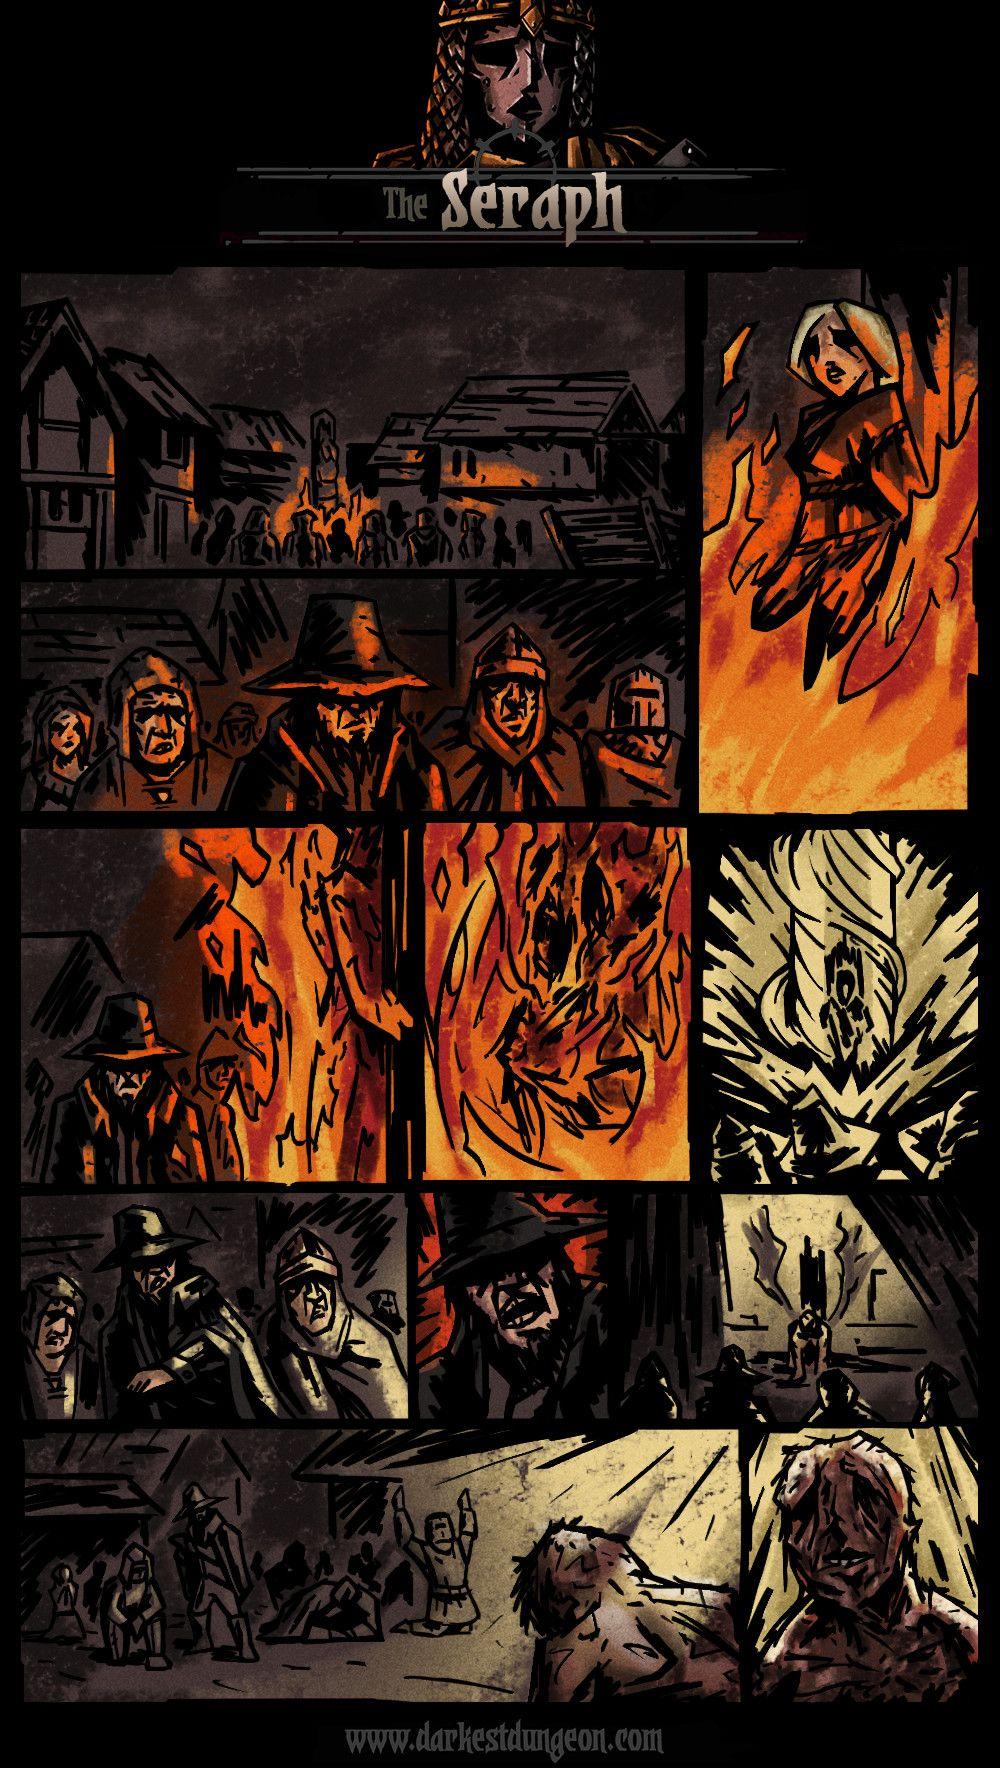 Darkest Dungeon Darkest Dungeon Dark Fantasy Dungeon